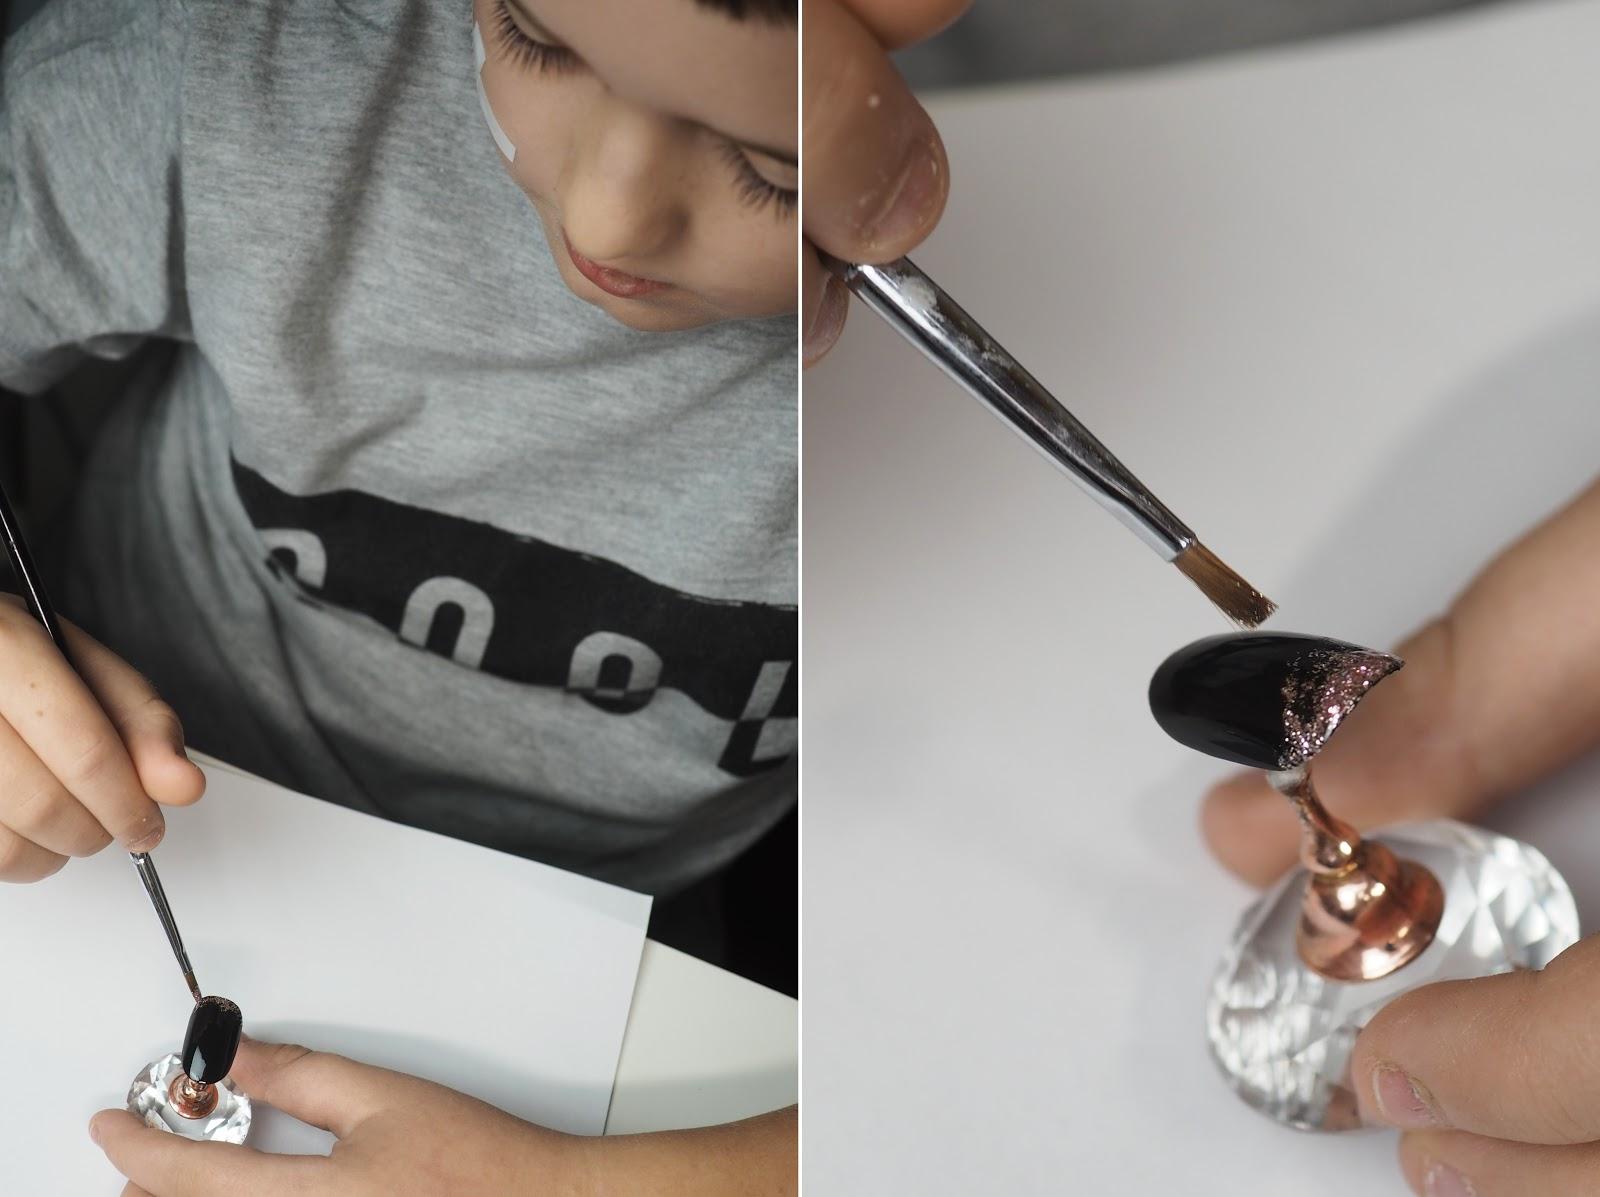 jak zrobić wzorek na paznokciach